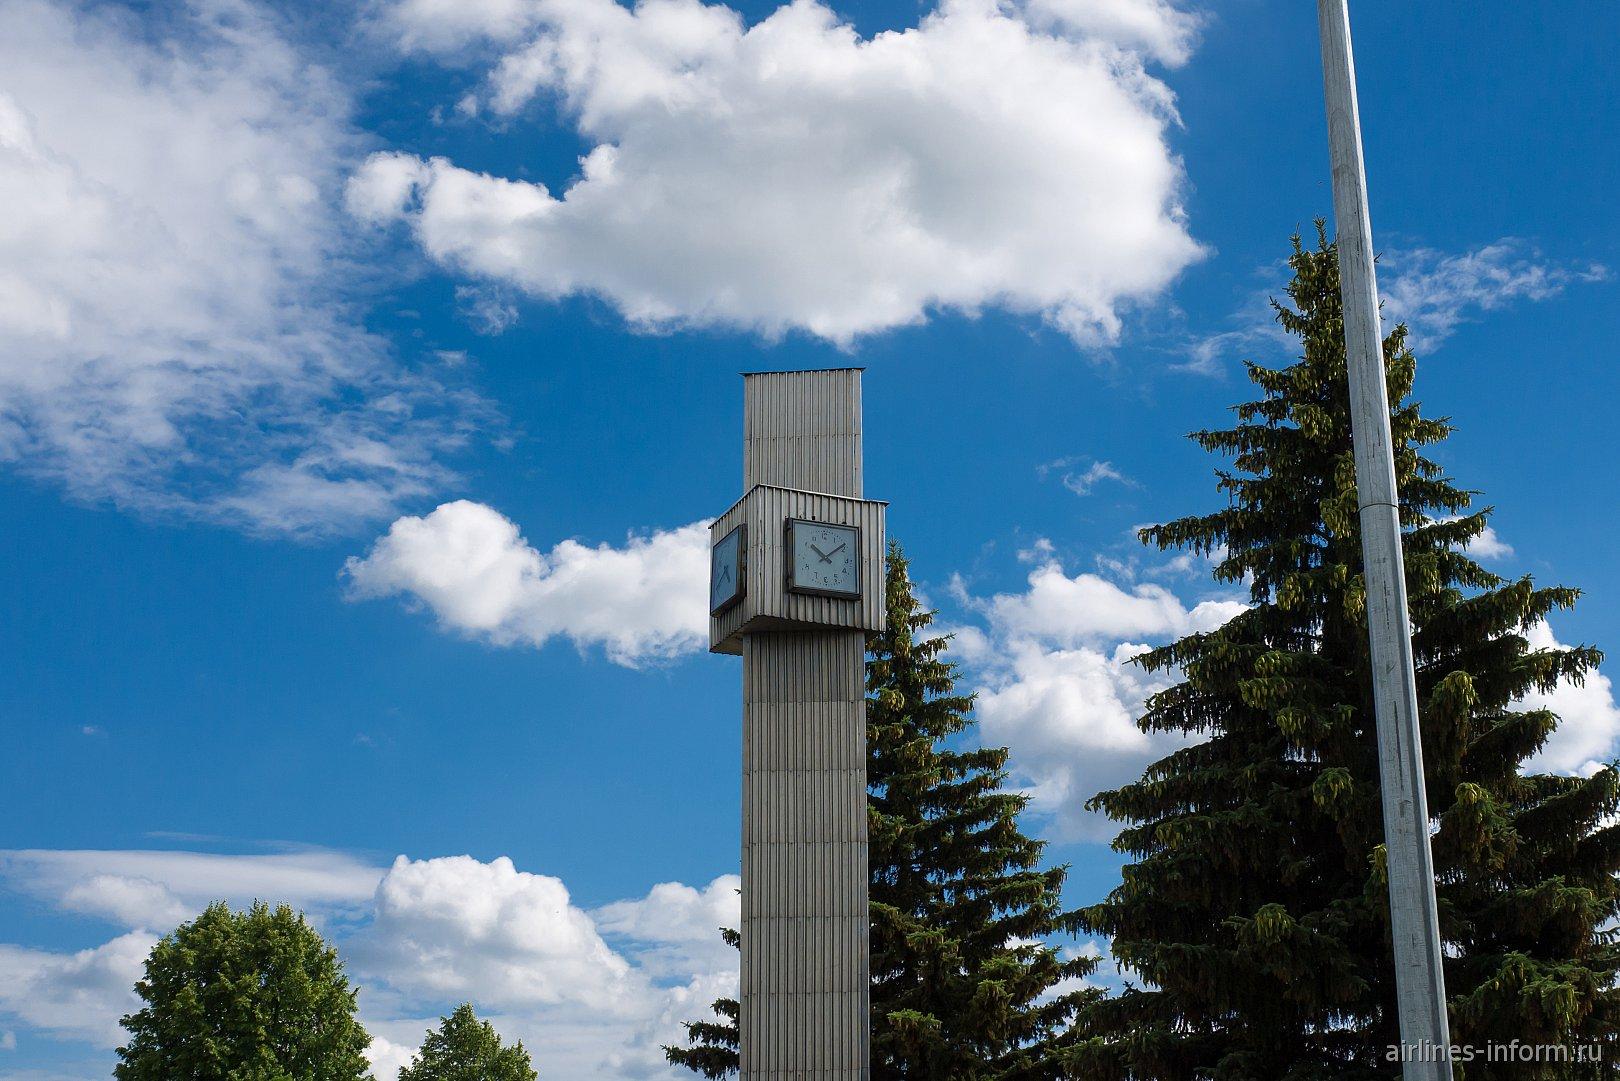 Вышка с часами на привокзальной площади аэропорта Тамбов Донское